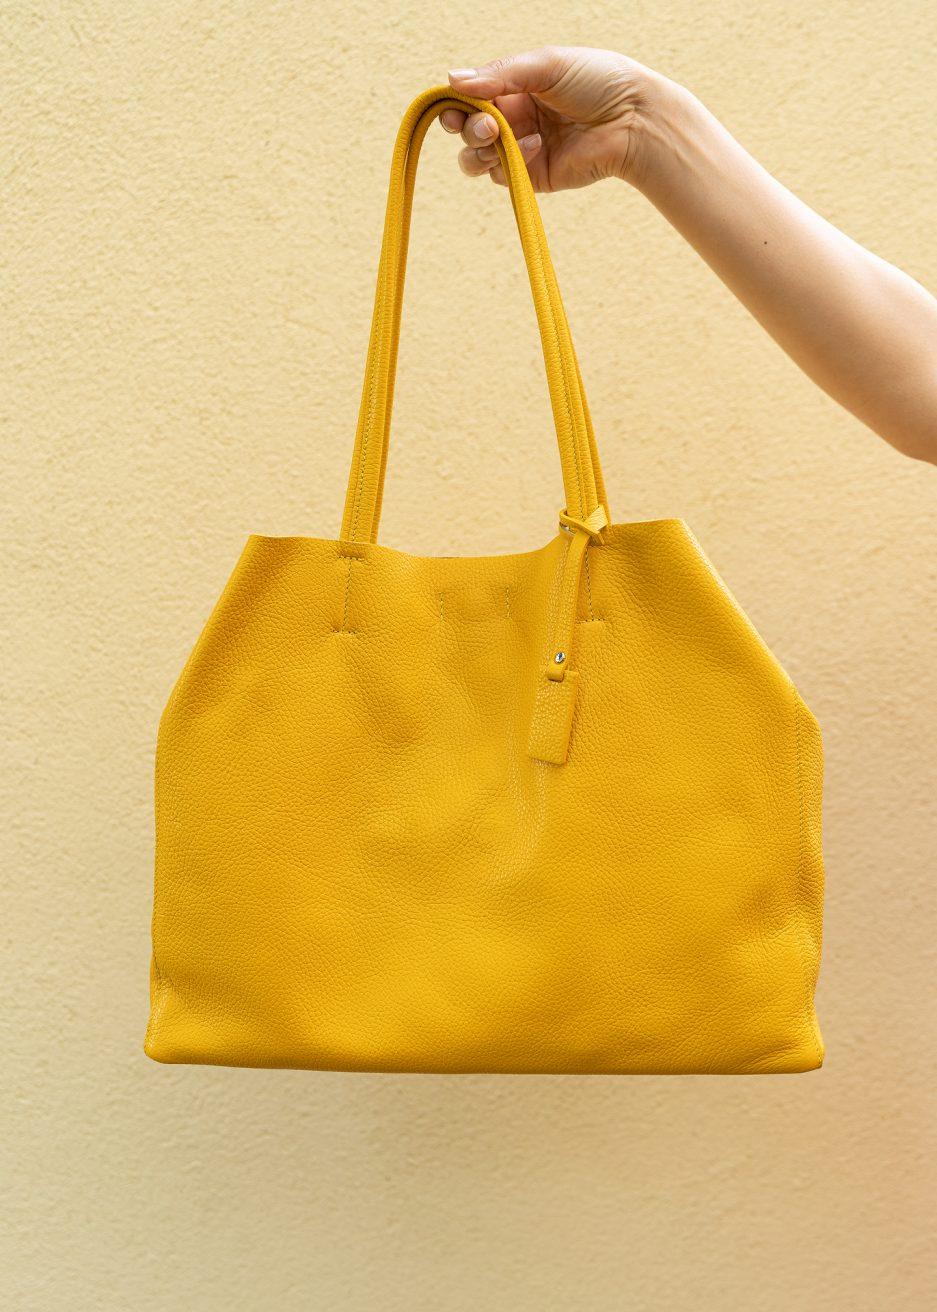 shopper gialla pelle